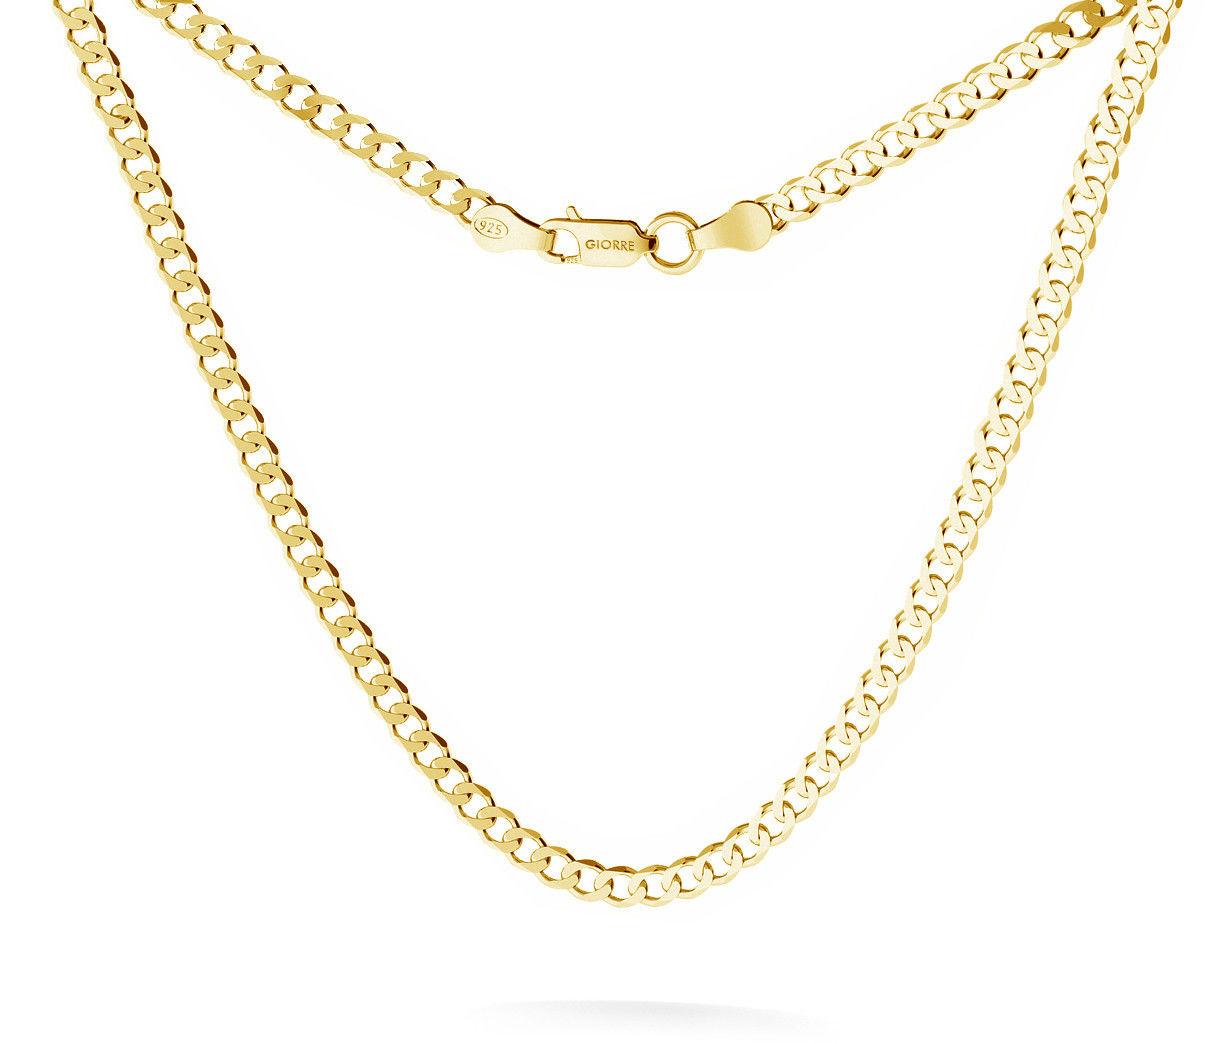 Męski łańcuszek pancerka, srebro 925 : Długość (cm) - 50, Srebro - kolor pokrycia - Pokrycie żółtym 18K złotem